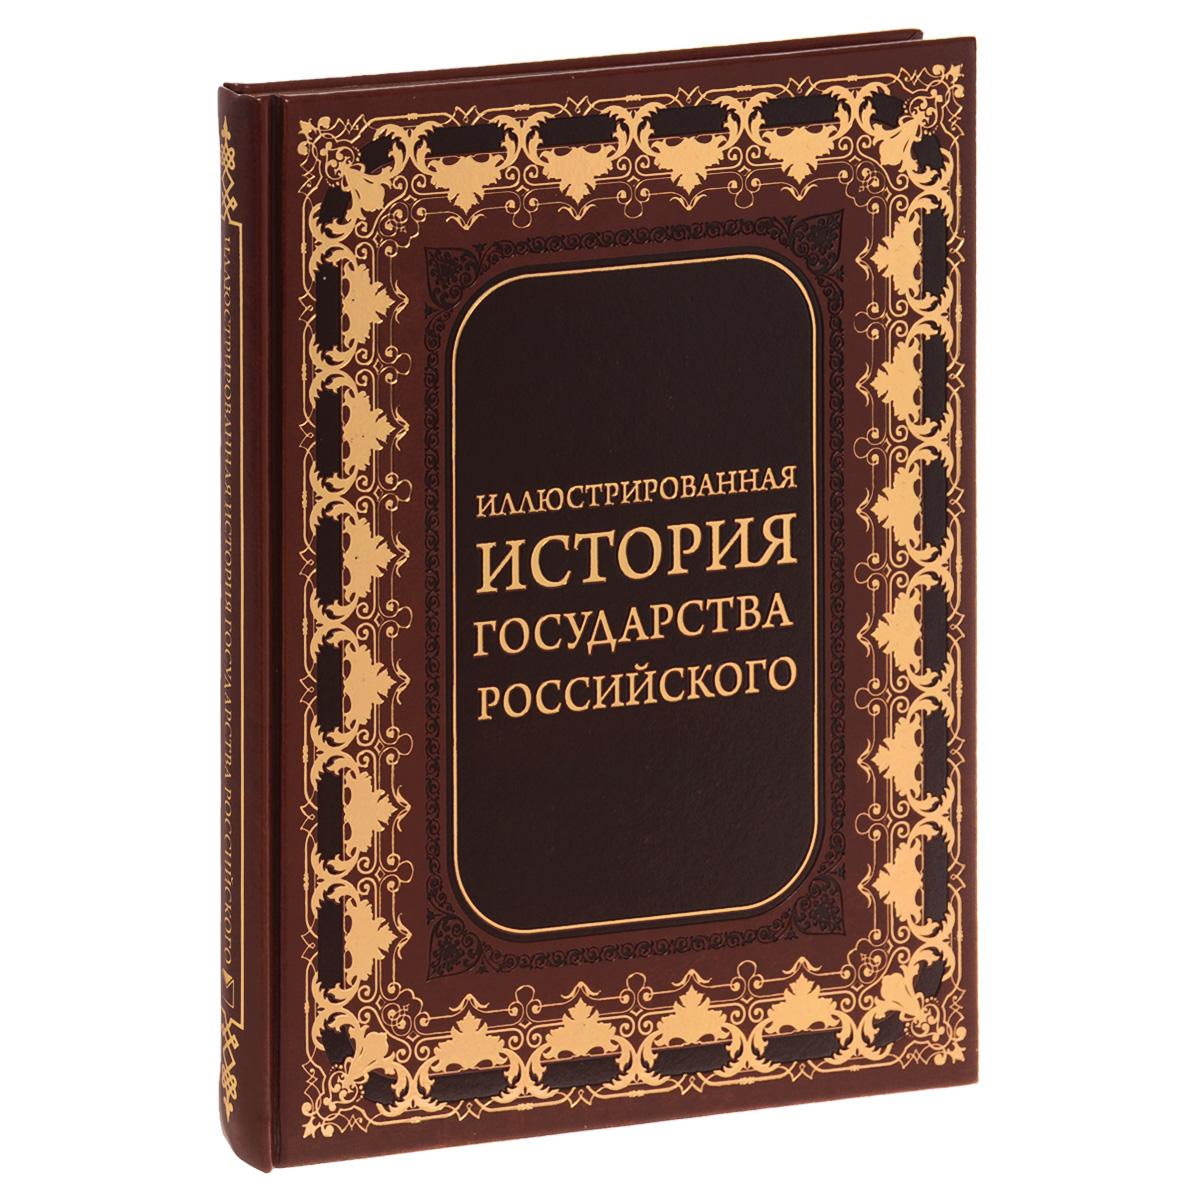 Иллюстрированная история государства российского (кожа) хочу карамзина история государства российского